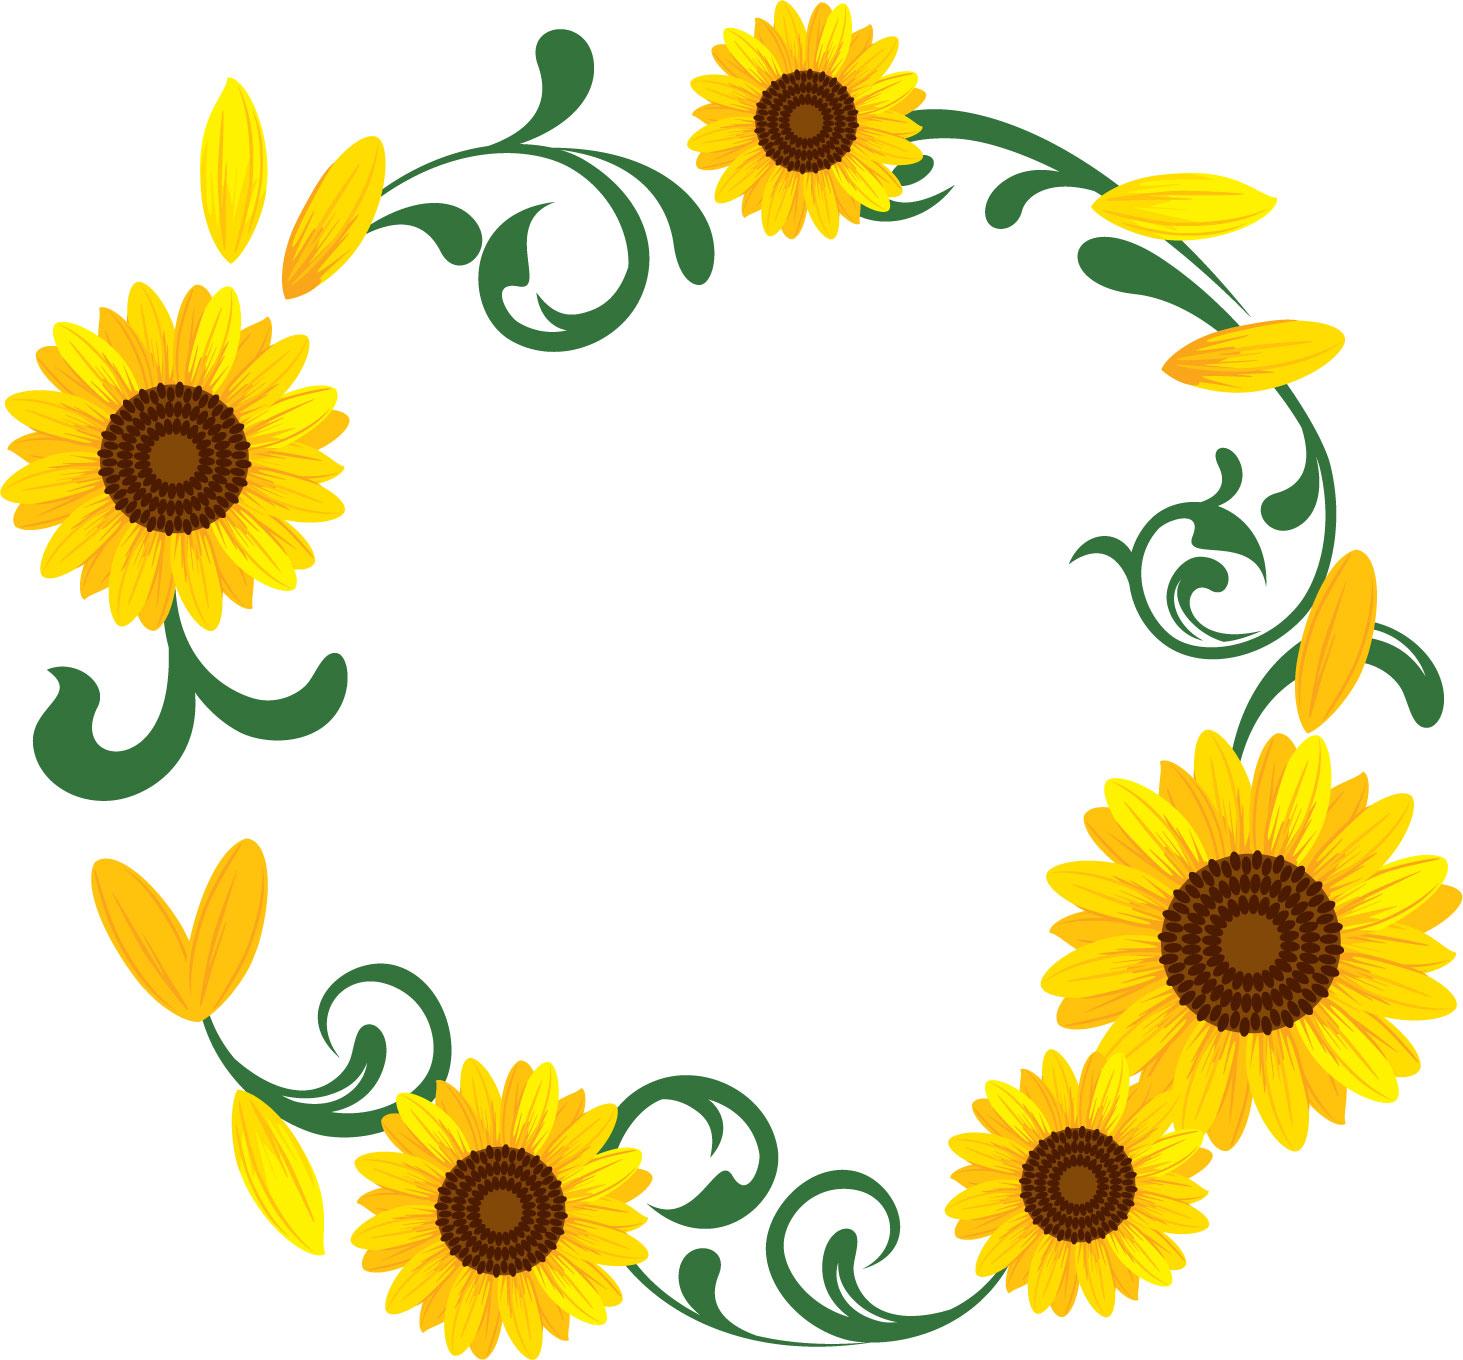 夏の無料イラスト素材,飾り枠・向日葵の輪